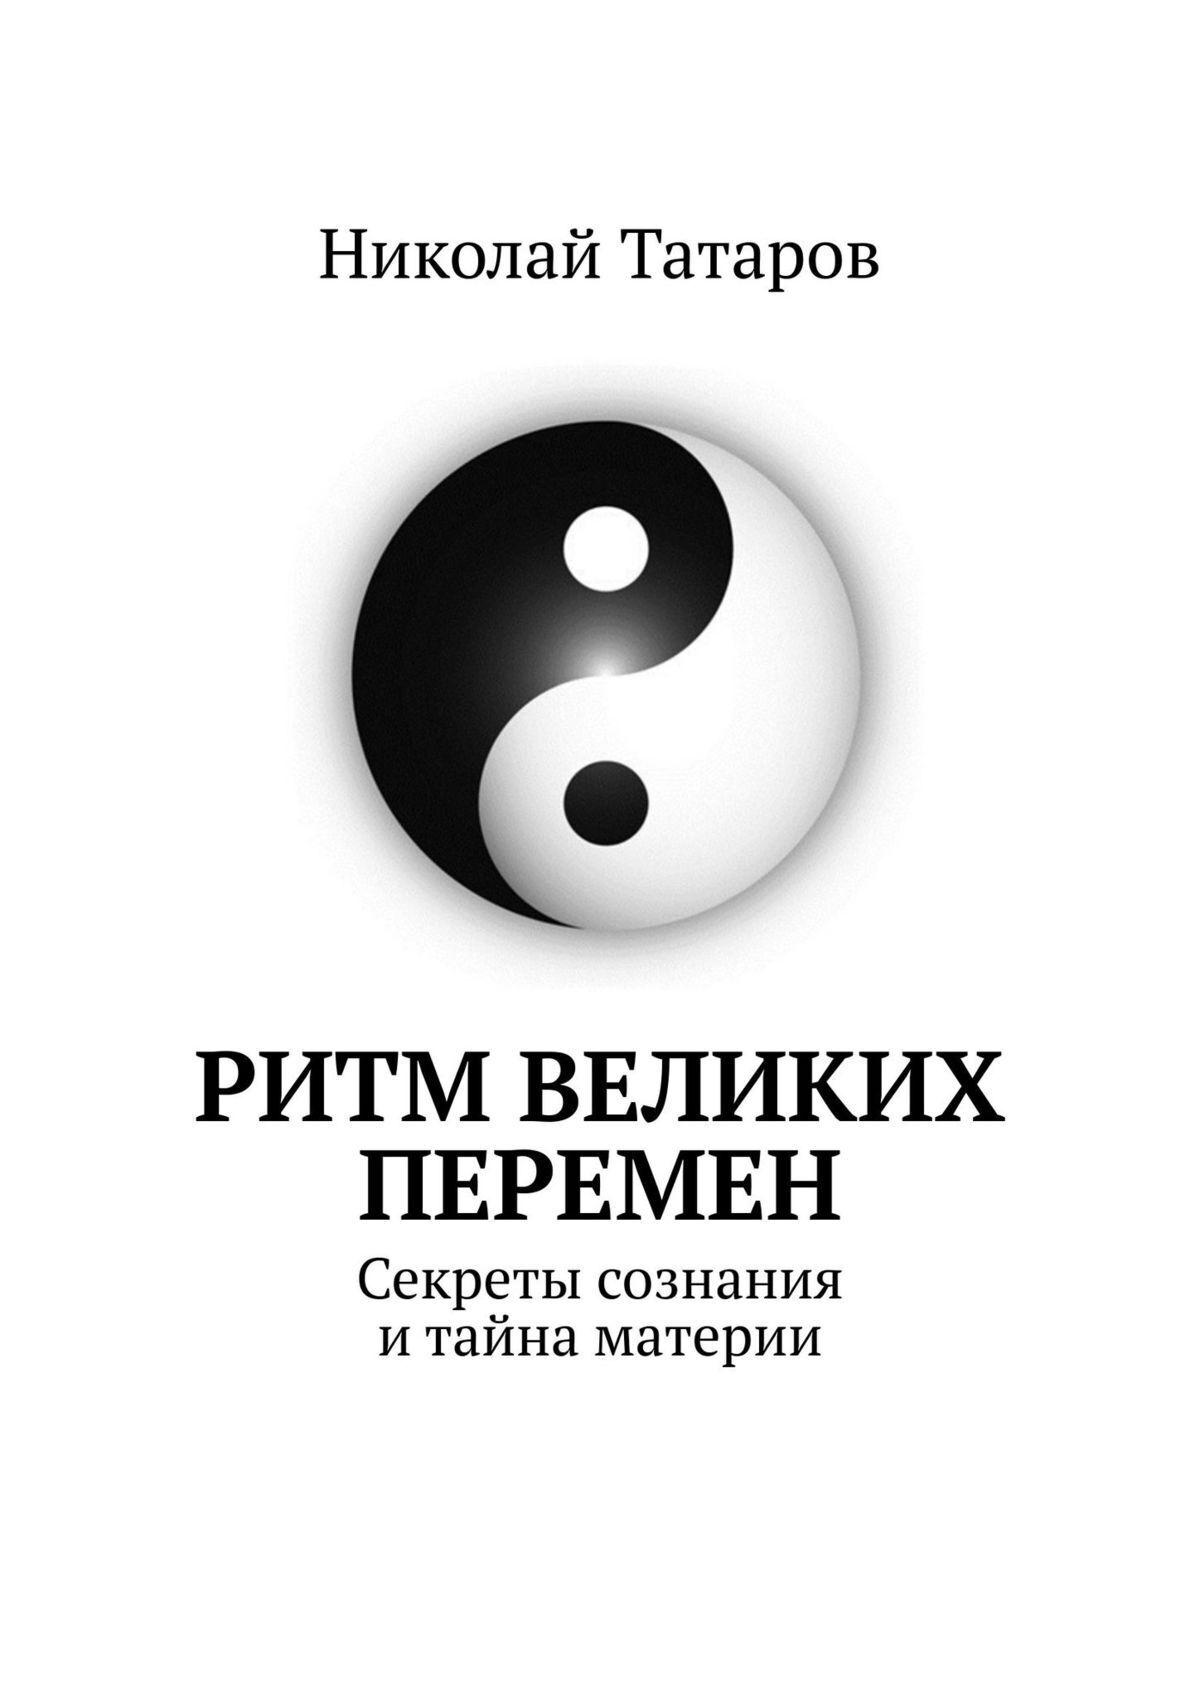 Николай Татаров Ритм великих перемен. Секреты сознания итайна материи николай рябов лето быстрых перемен